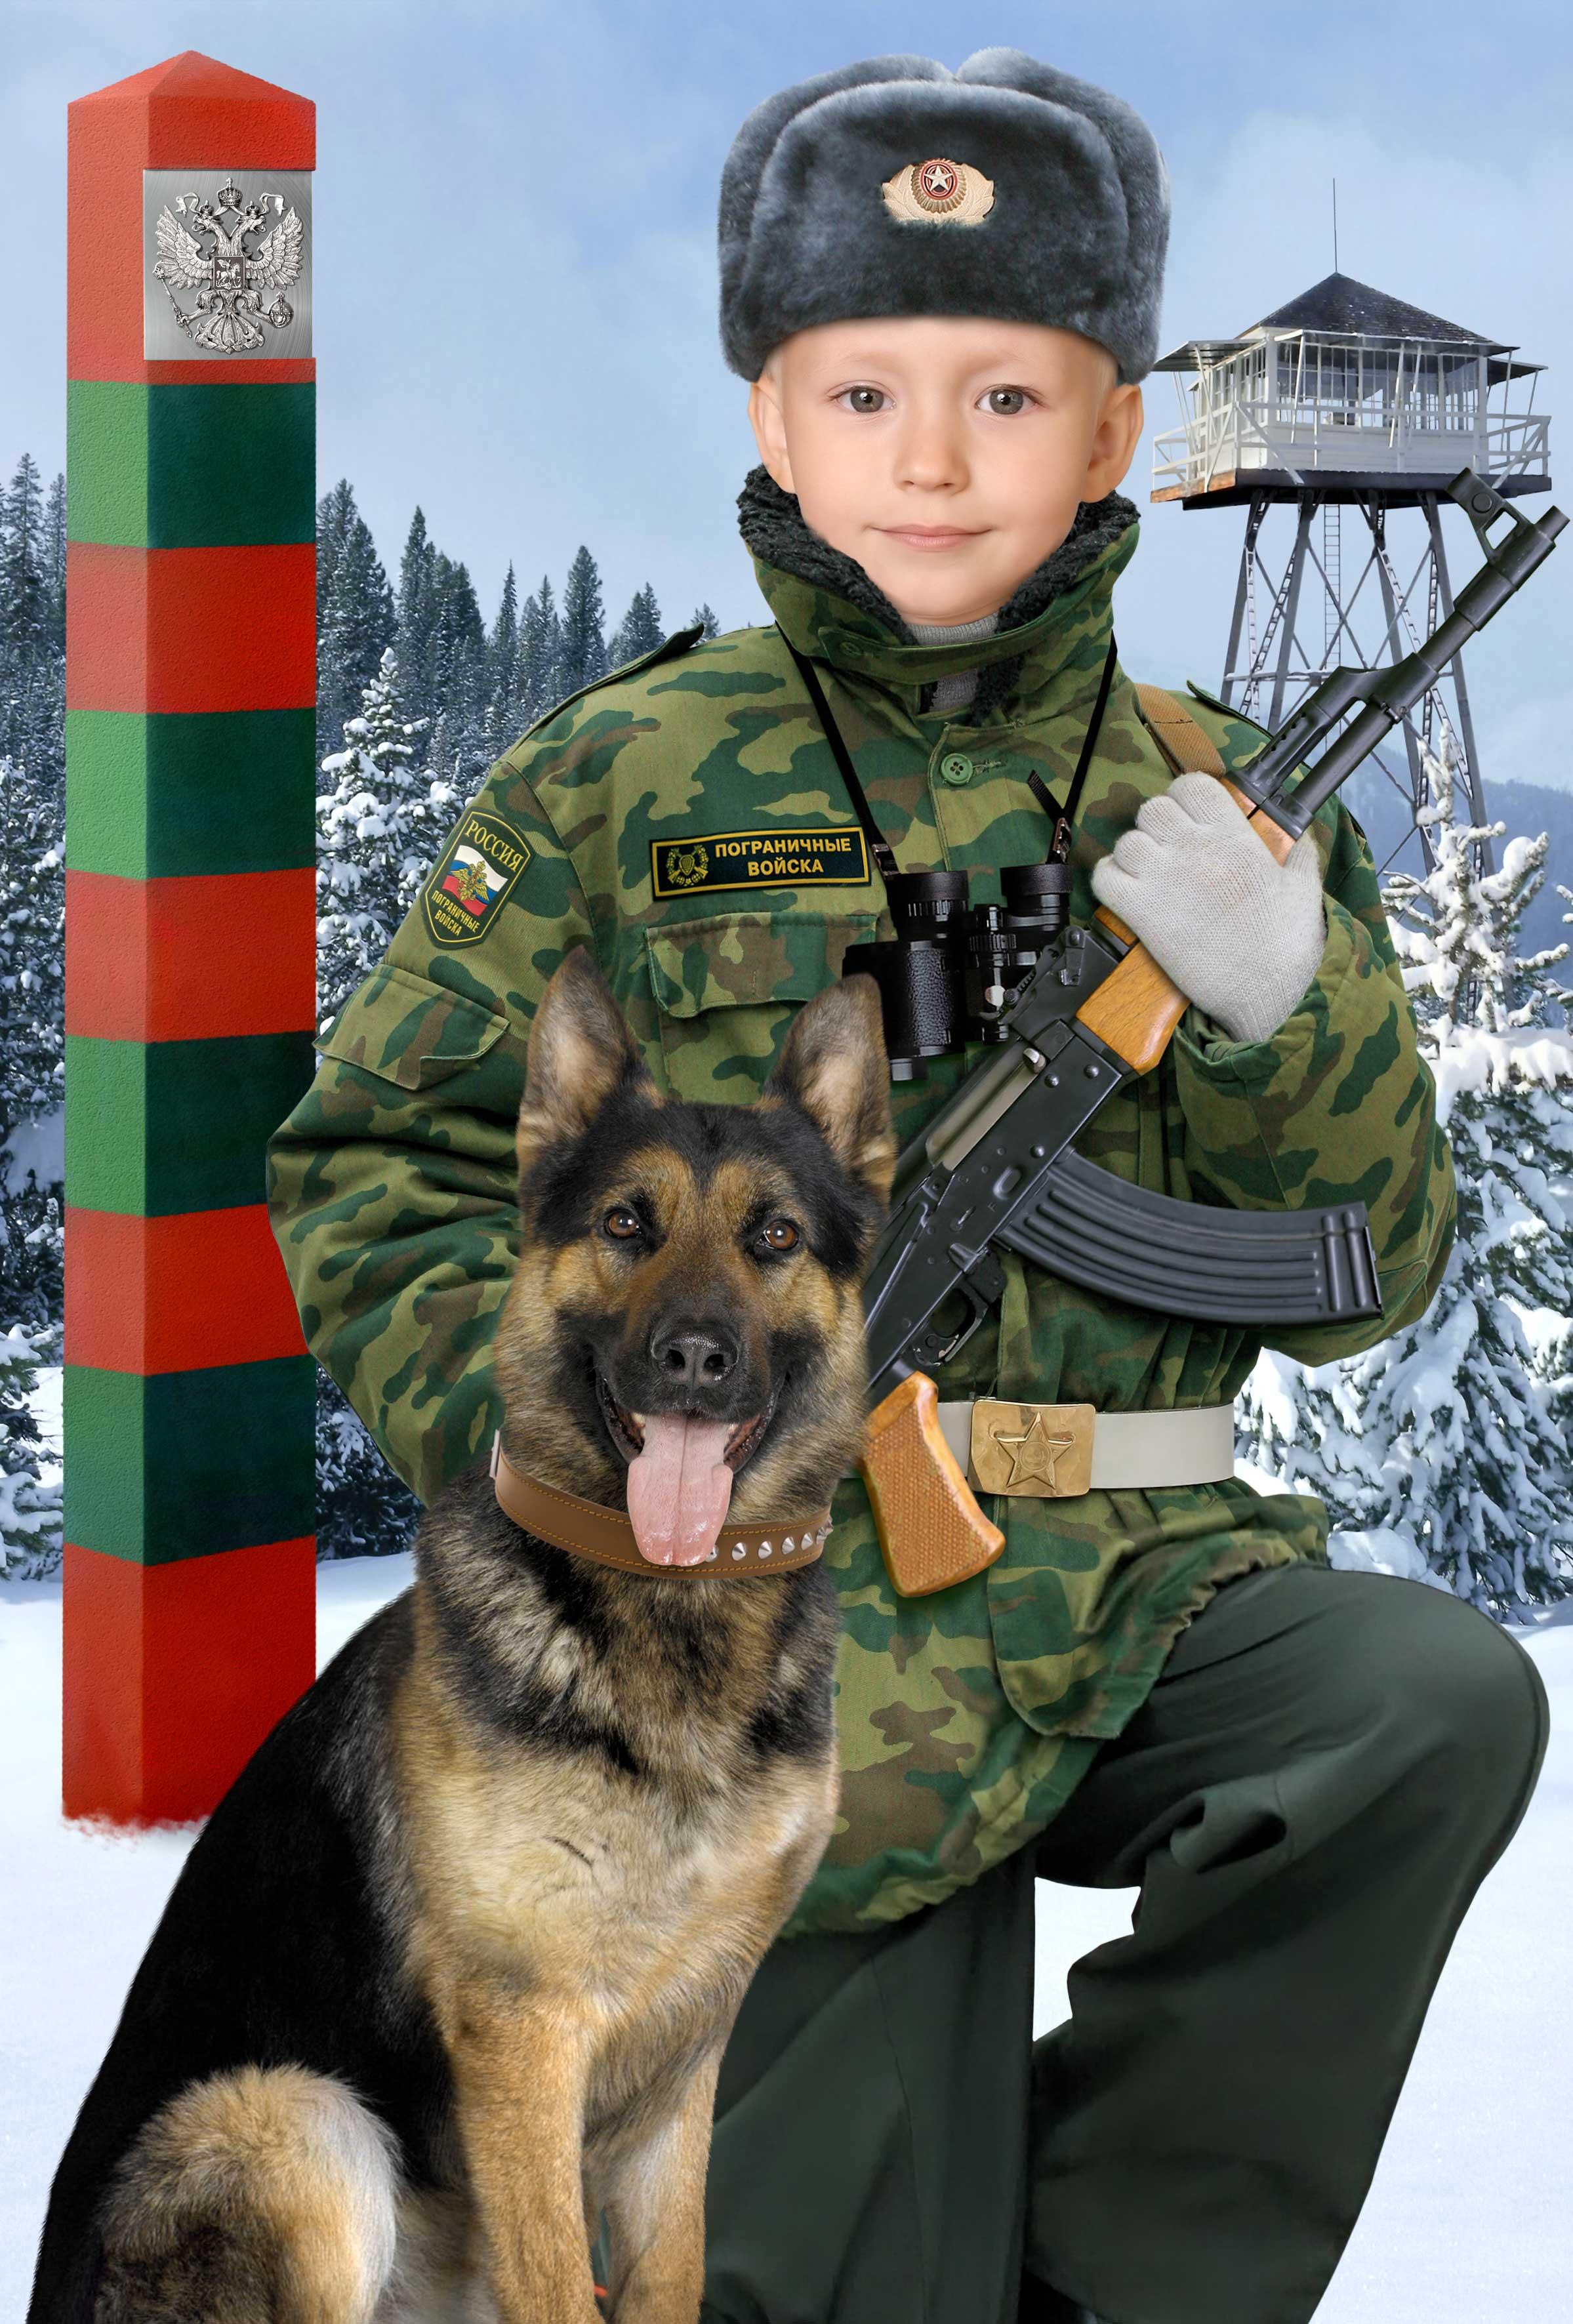 Пограничные войска картинки для детей, новогодней